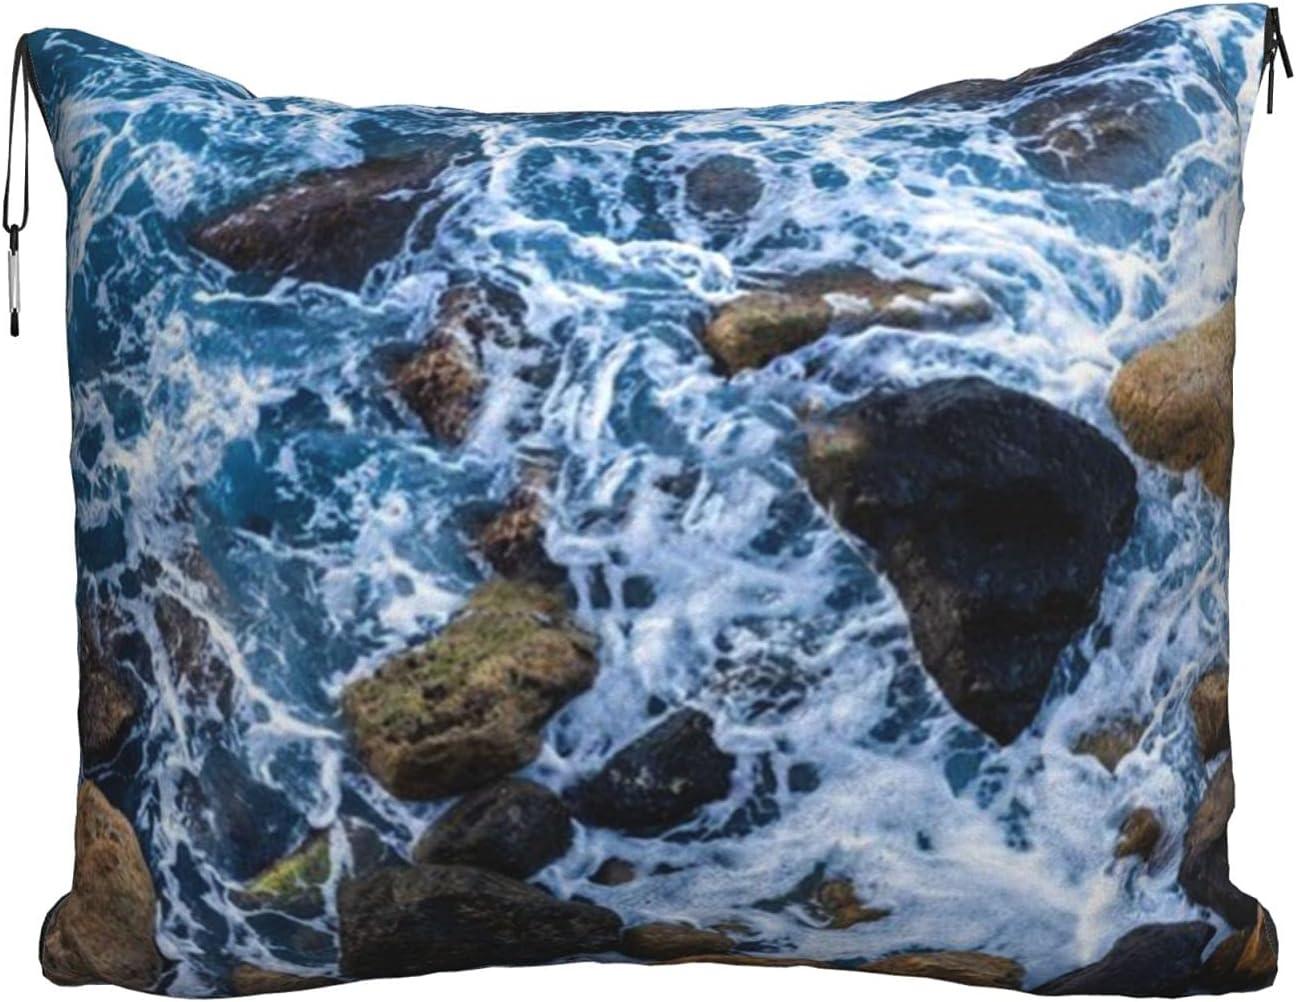 Sea Stones Printed Austin Mall Travel Blanket Velvet 2-in-1 Com Regular store Pillow Soft